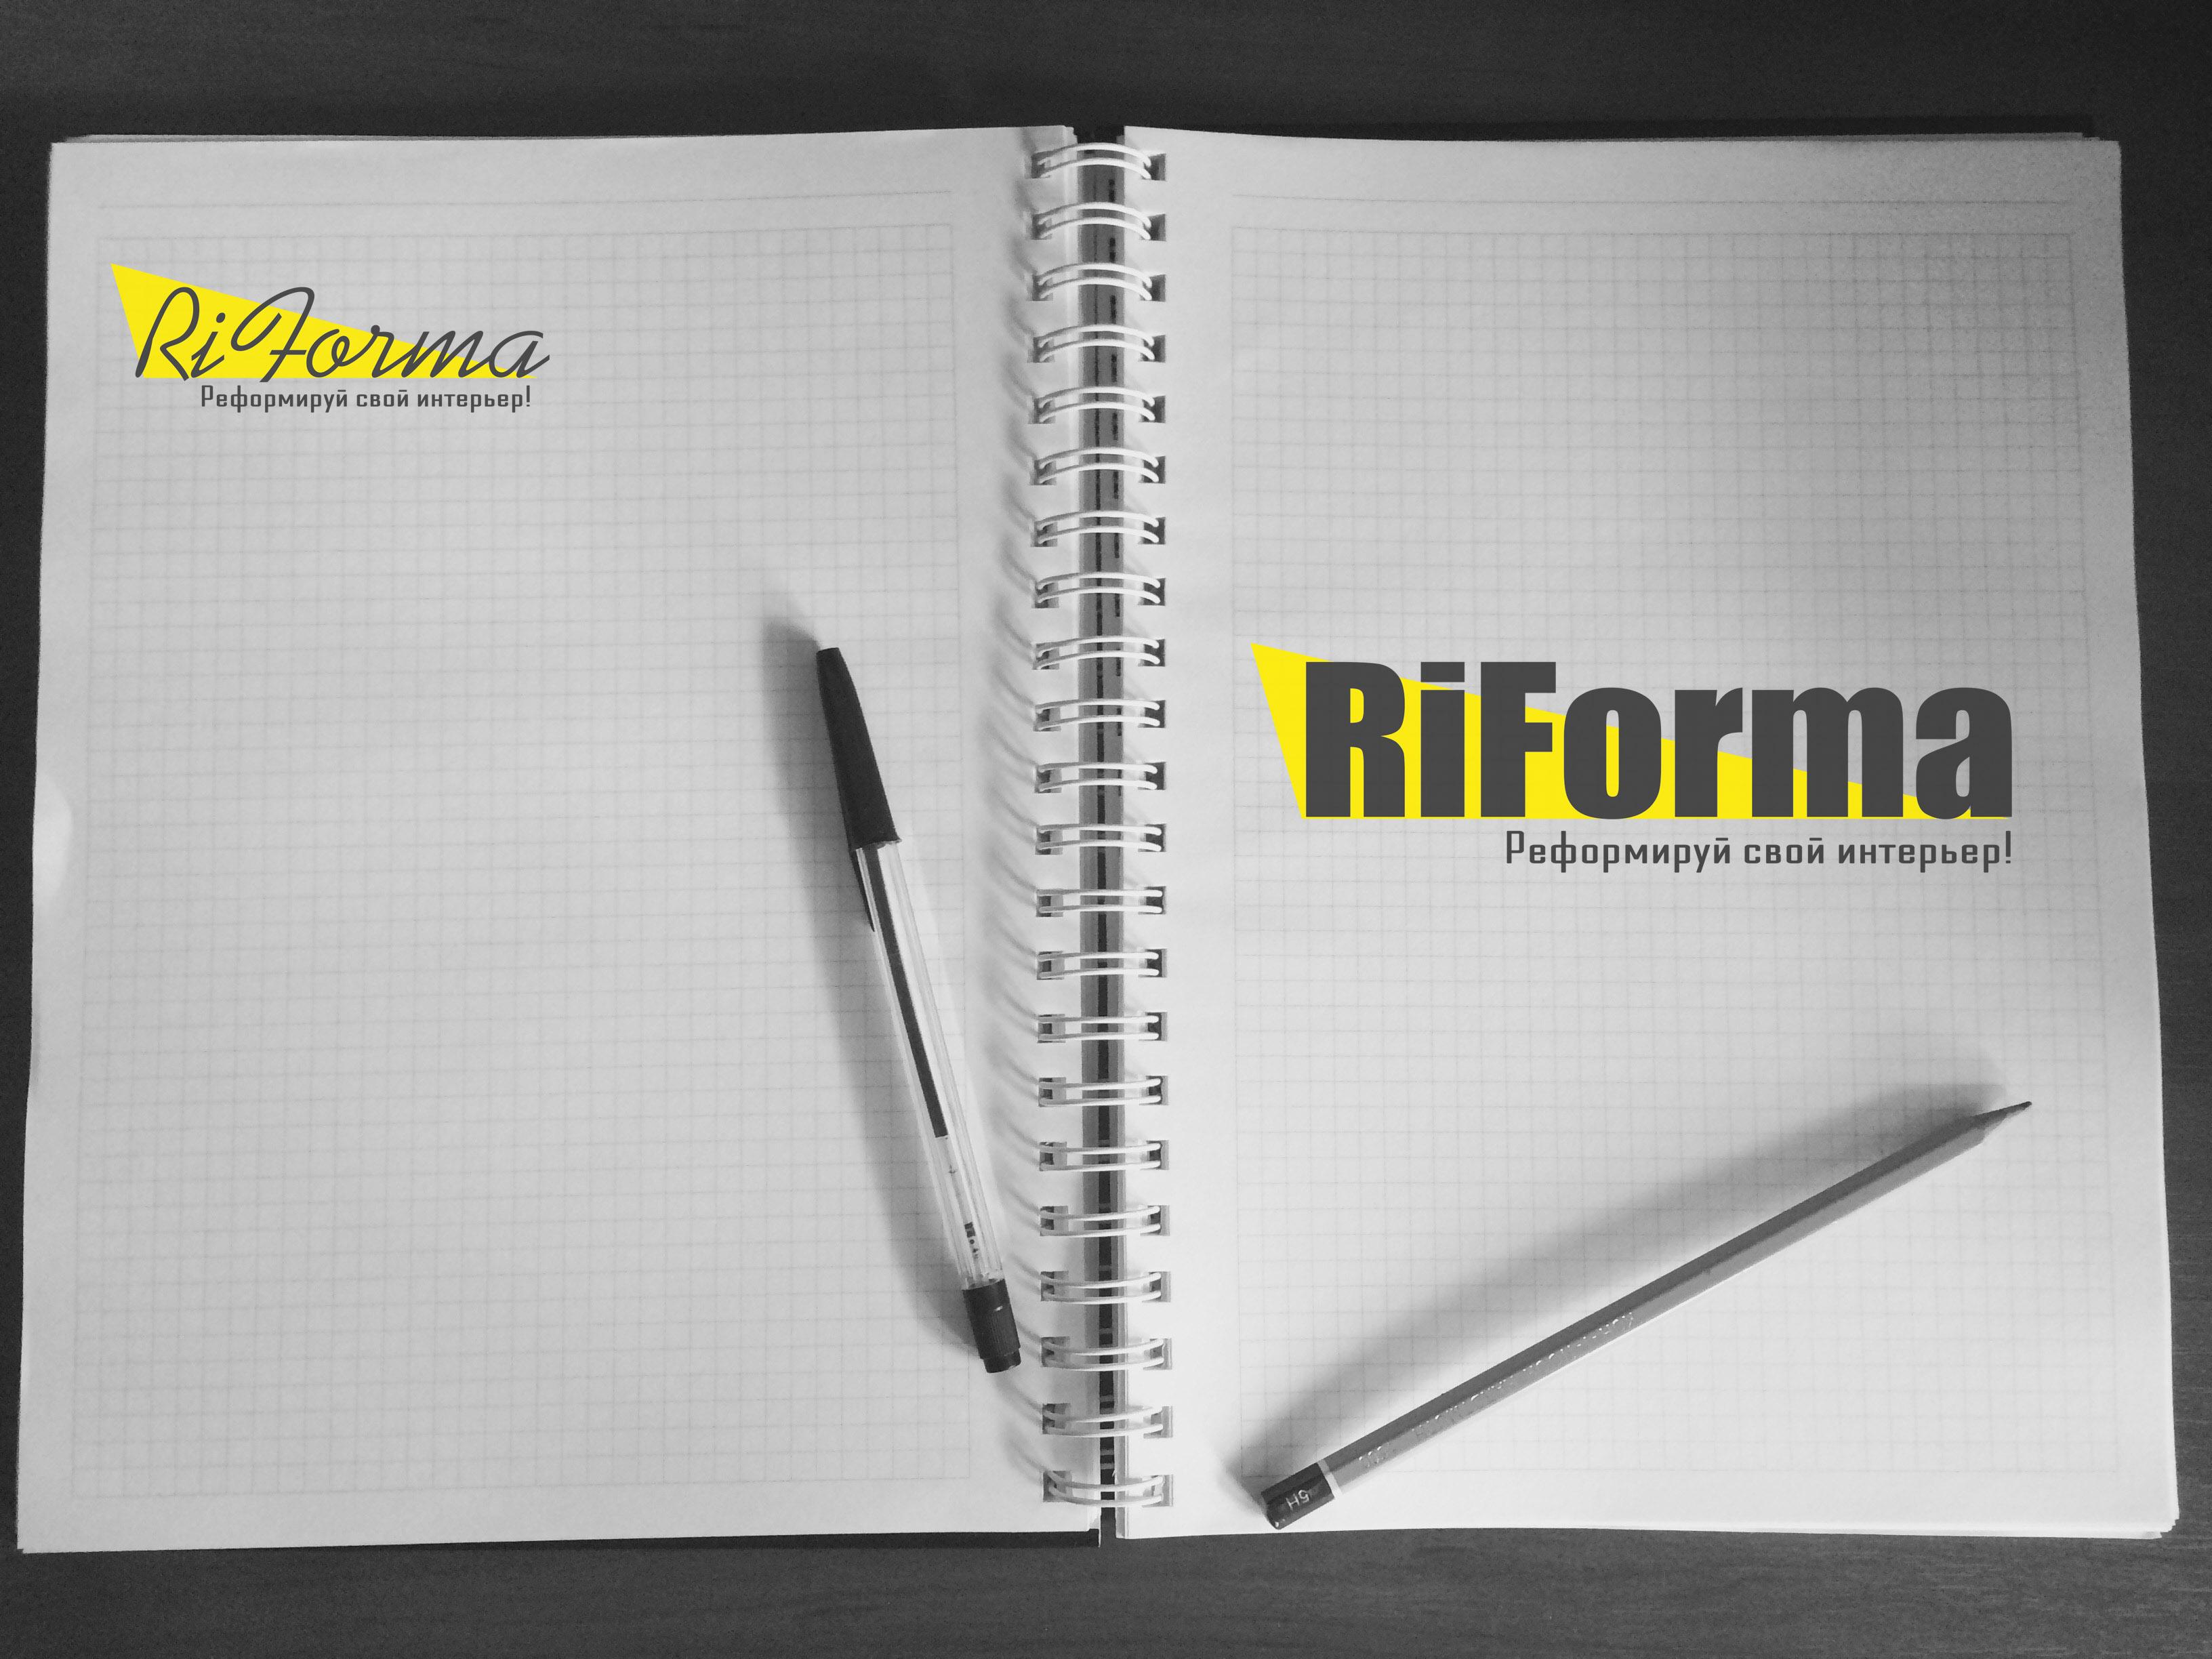 Разработка логотипа и элементов фирменного стиля фото f_0485792c443e10f5.jpg